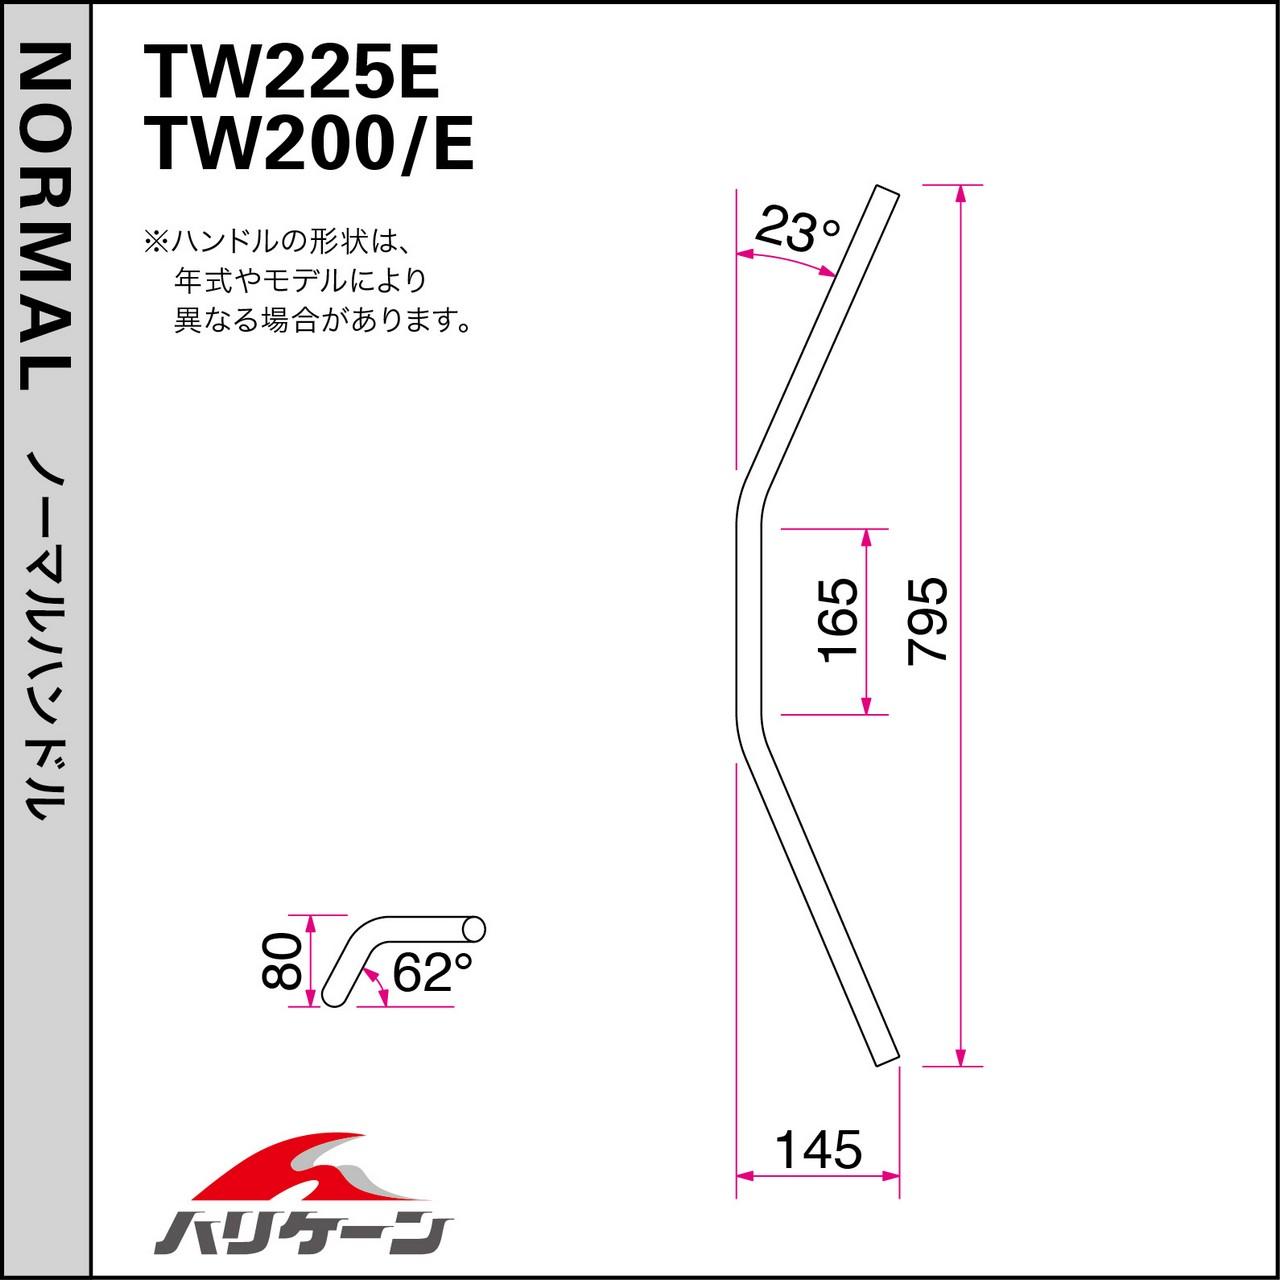 【HURRICANE】Narrow Type 4 把手套件 - 「Webike-摩托百貨」